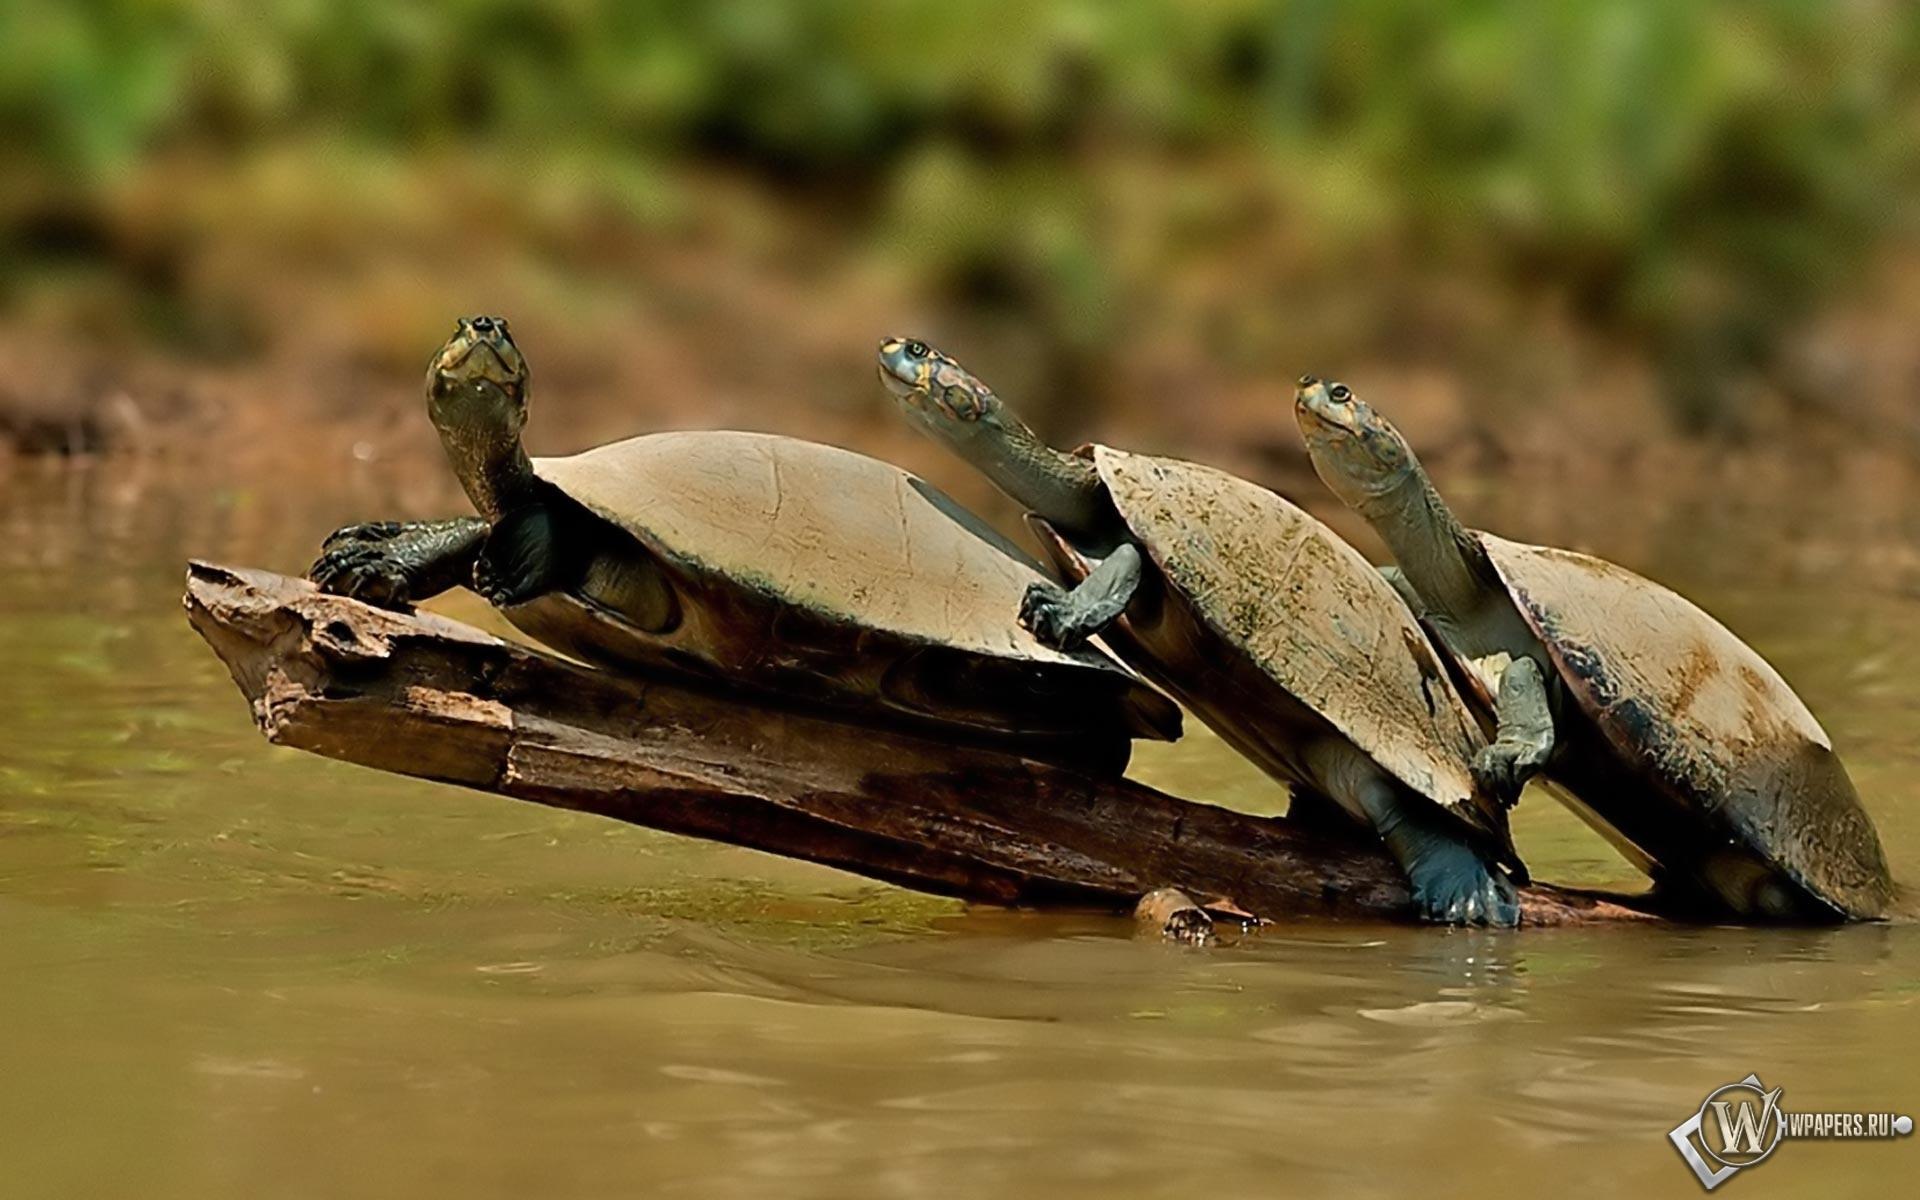 Черепахи 1920x1200